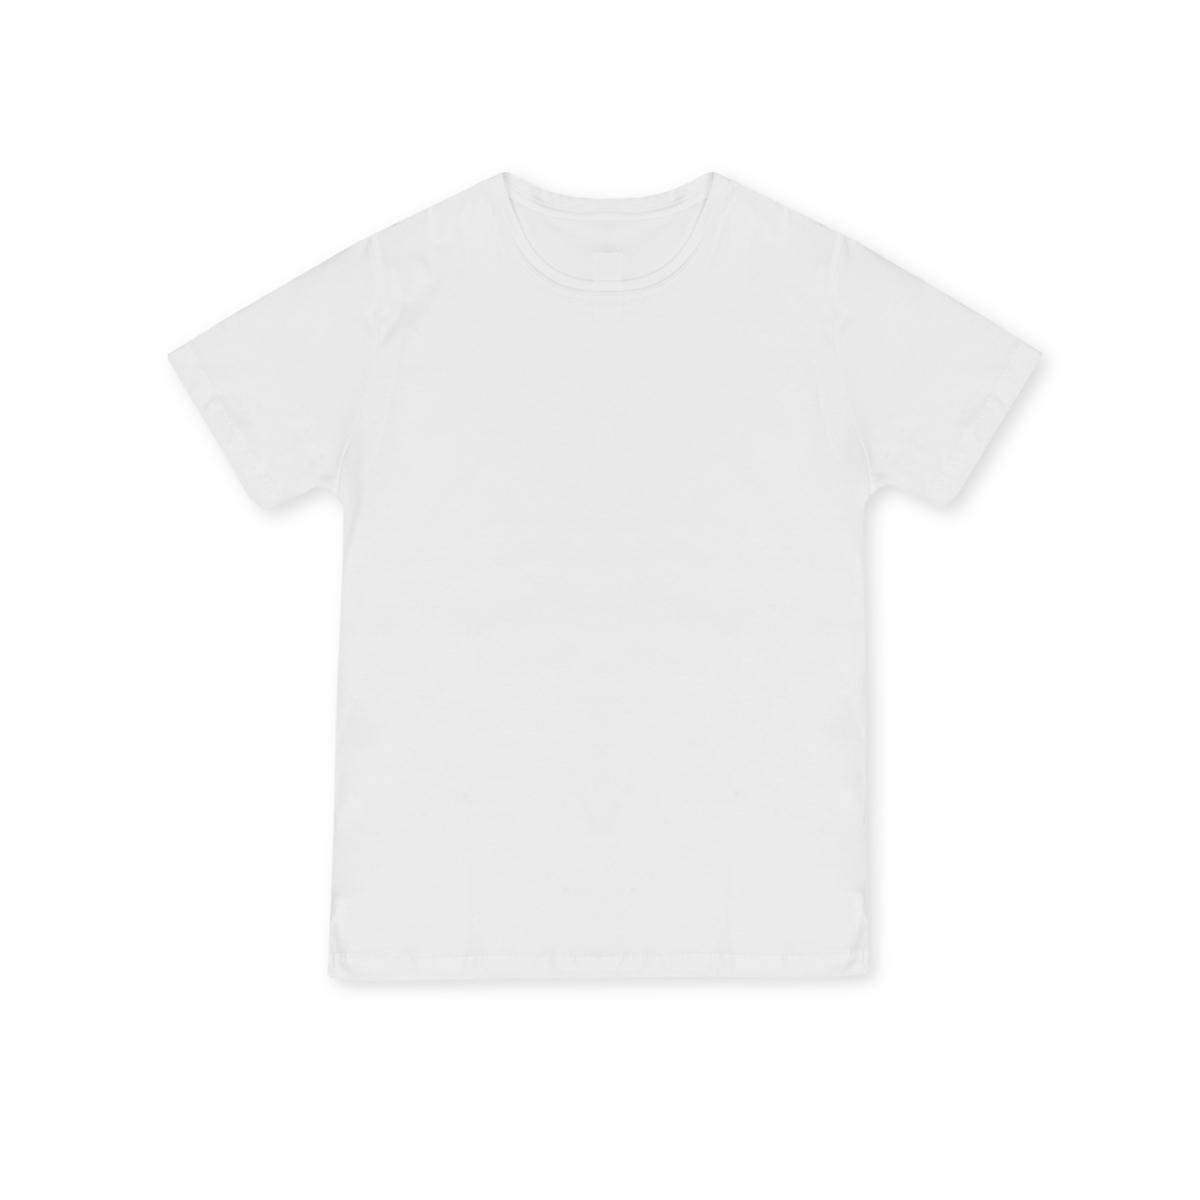 Camiseta Standard - Branco